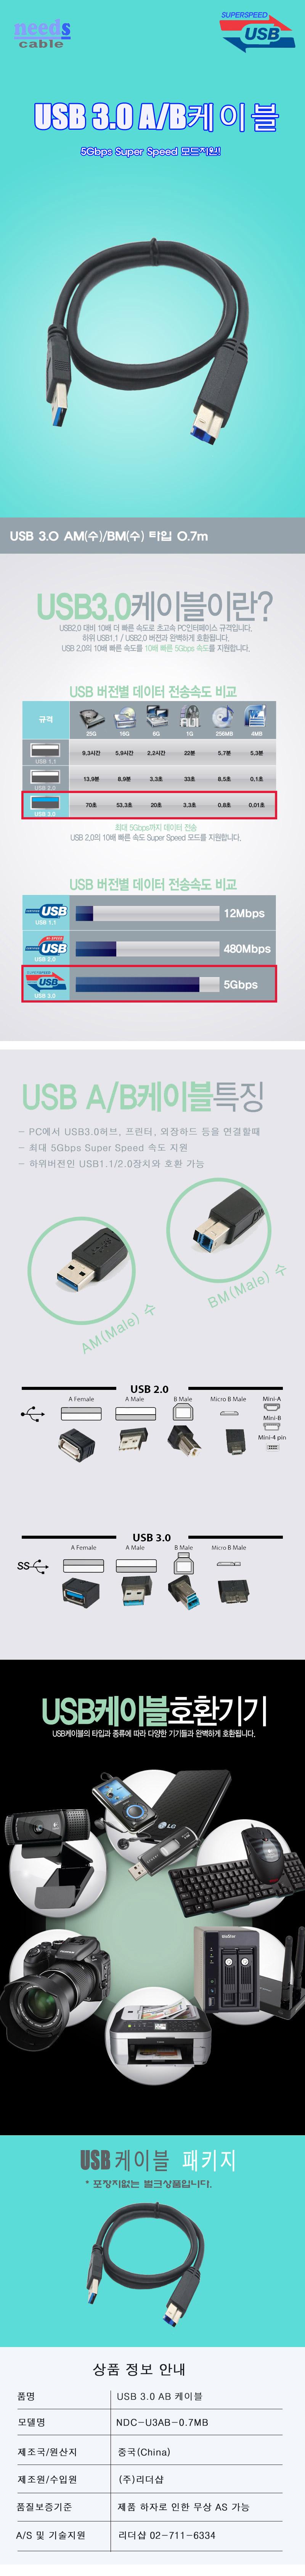 리더샵 NEEDS USB 3.0 A/B 케이블 (NDC-U3AB-0.7M, 0.7m)